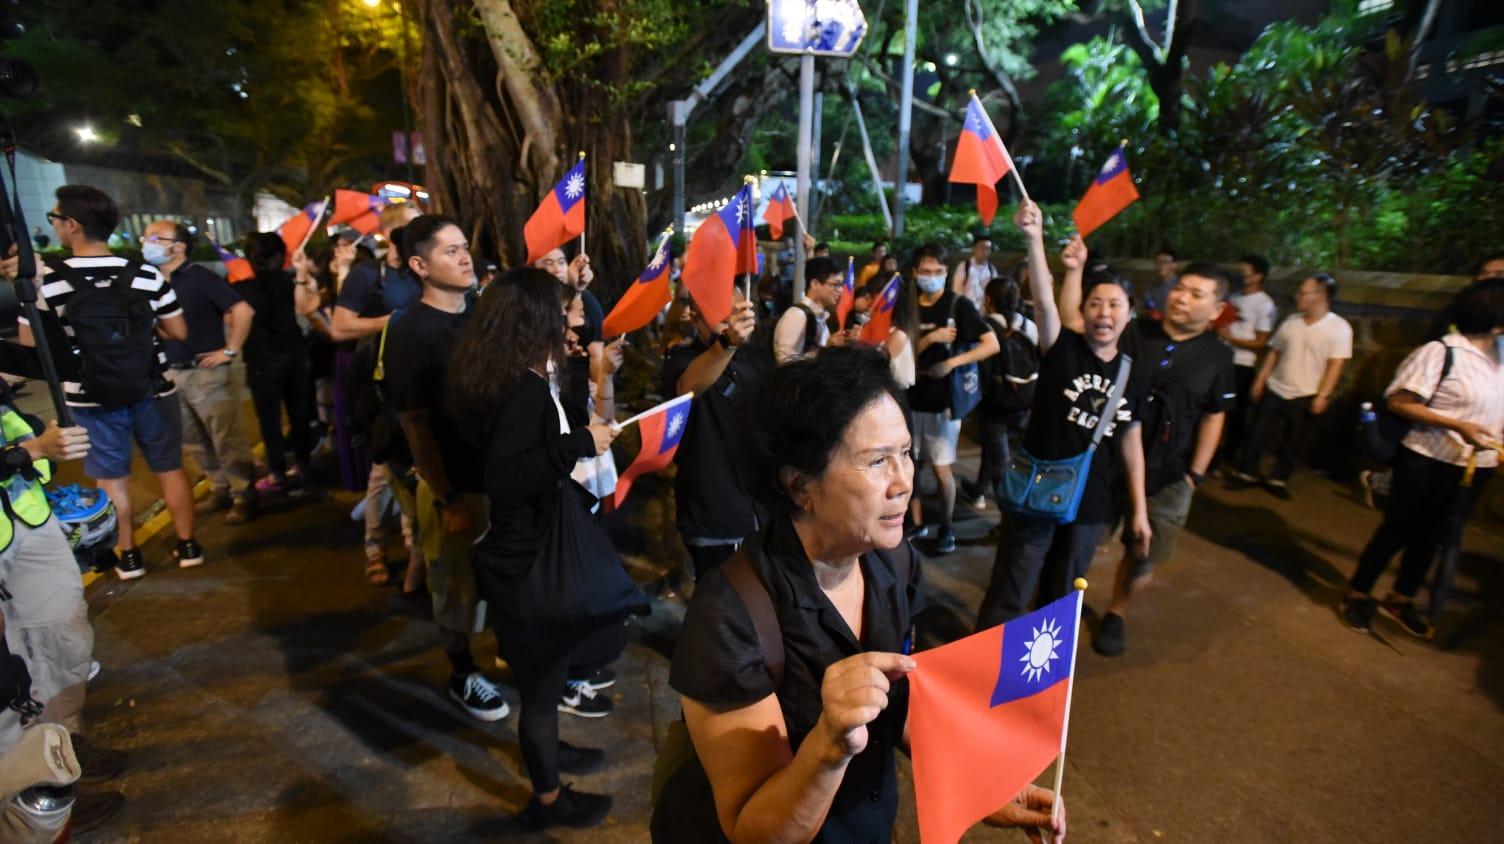 示威者揮動「青天白日滿地紅旗」。